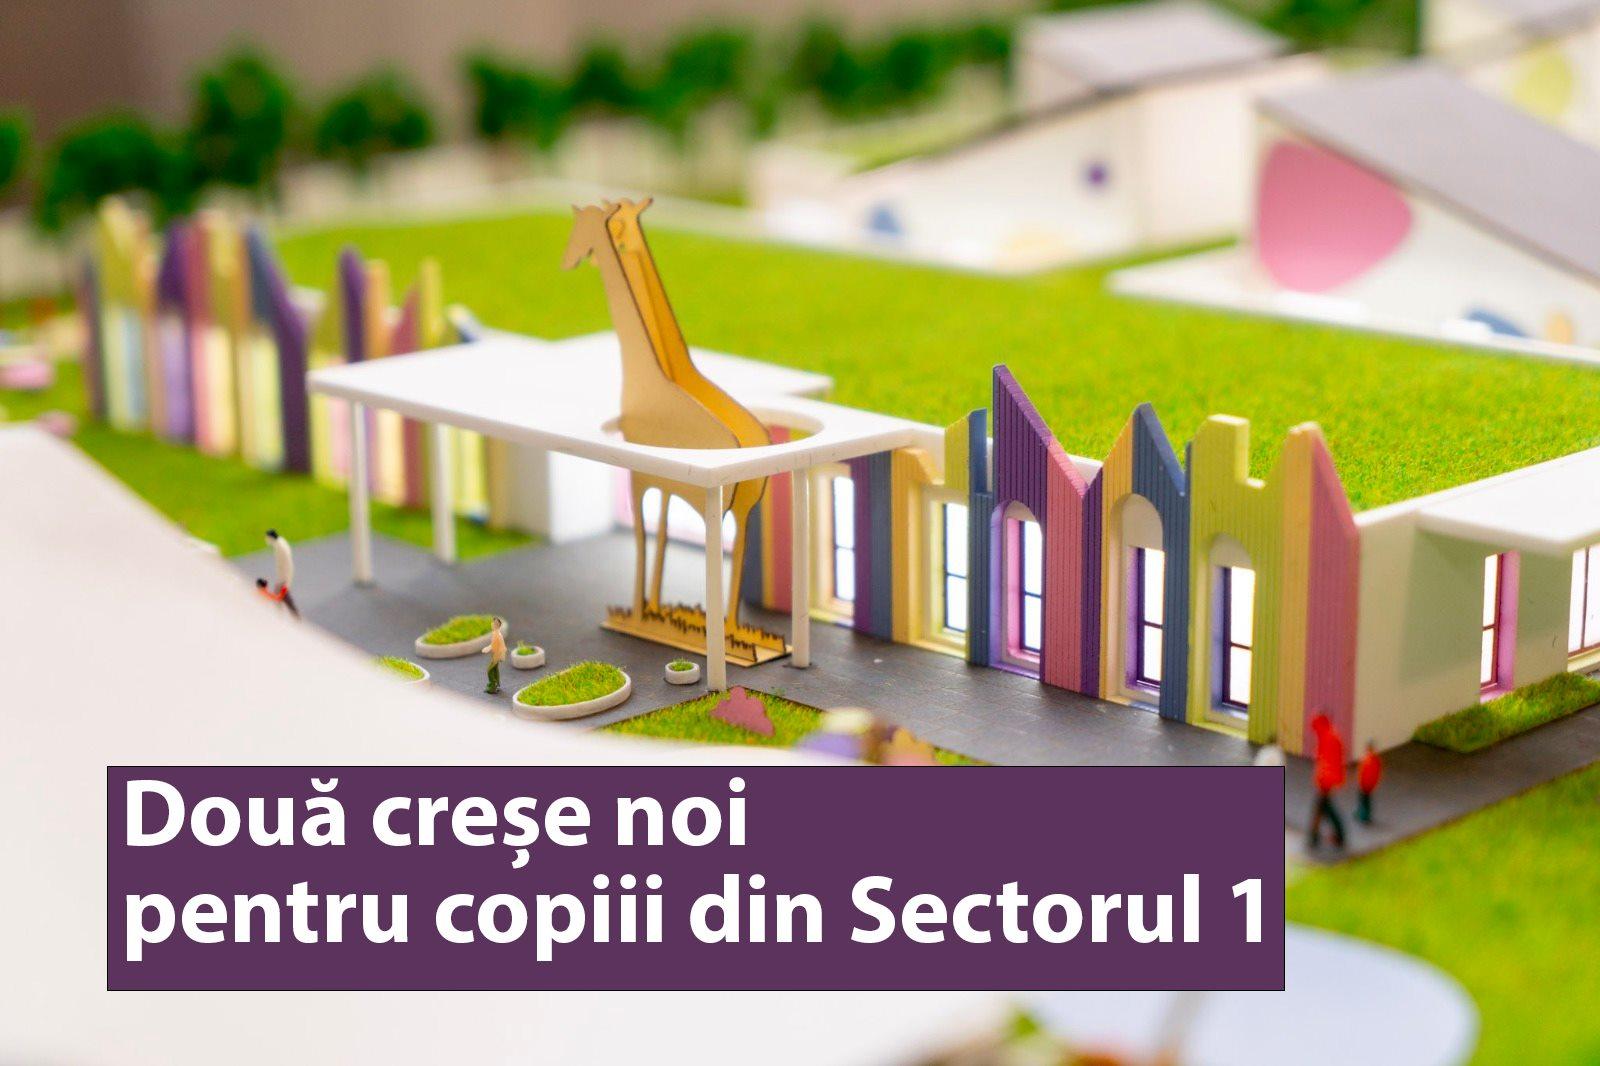 Proiect: Două creșe noi pentru copiii din Sectorul 1